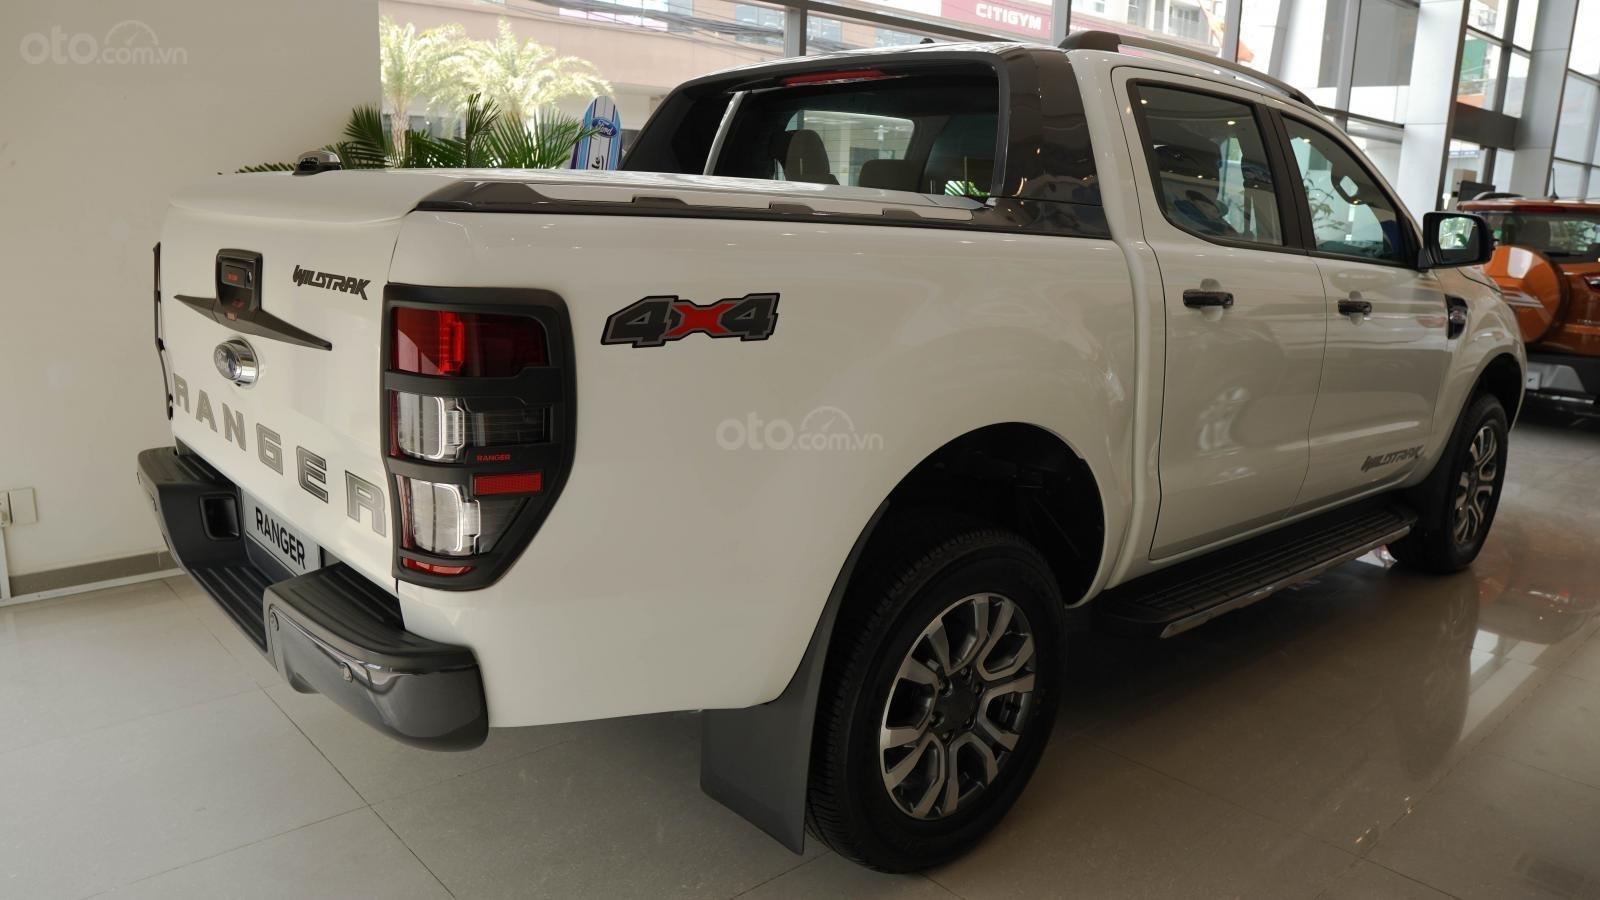 Ford Ranger Wildtrak giảm ngay 30 triệu, tặng phụ kiện giá trị-1